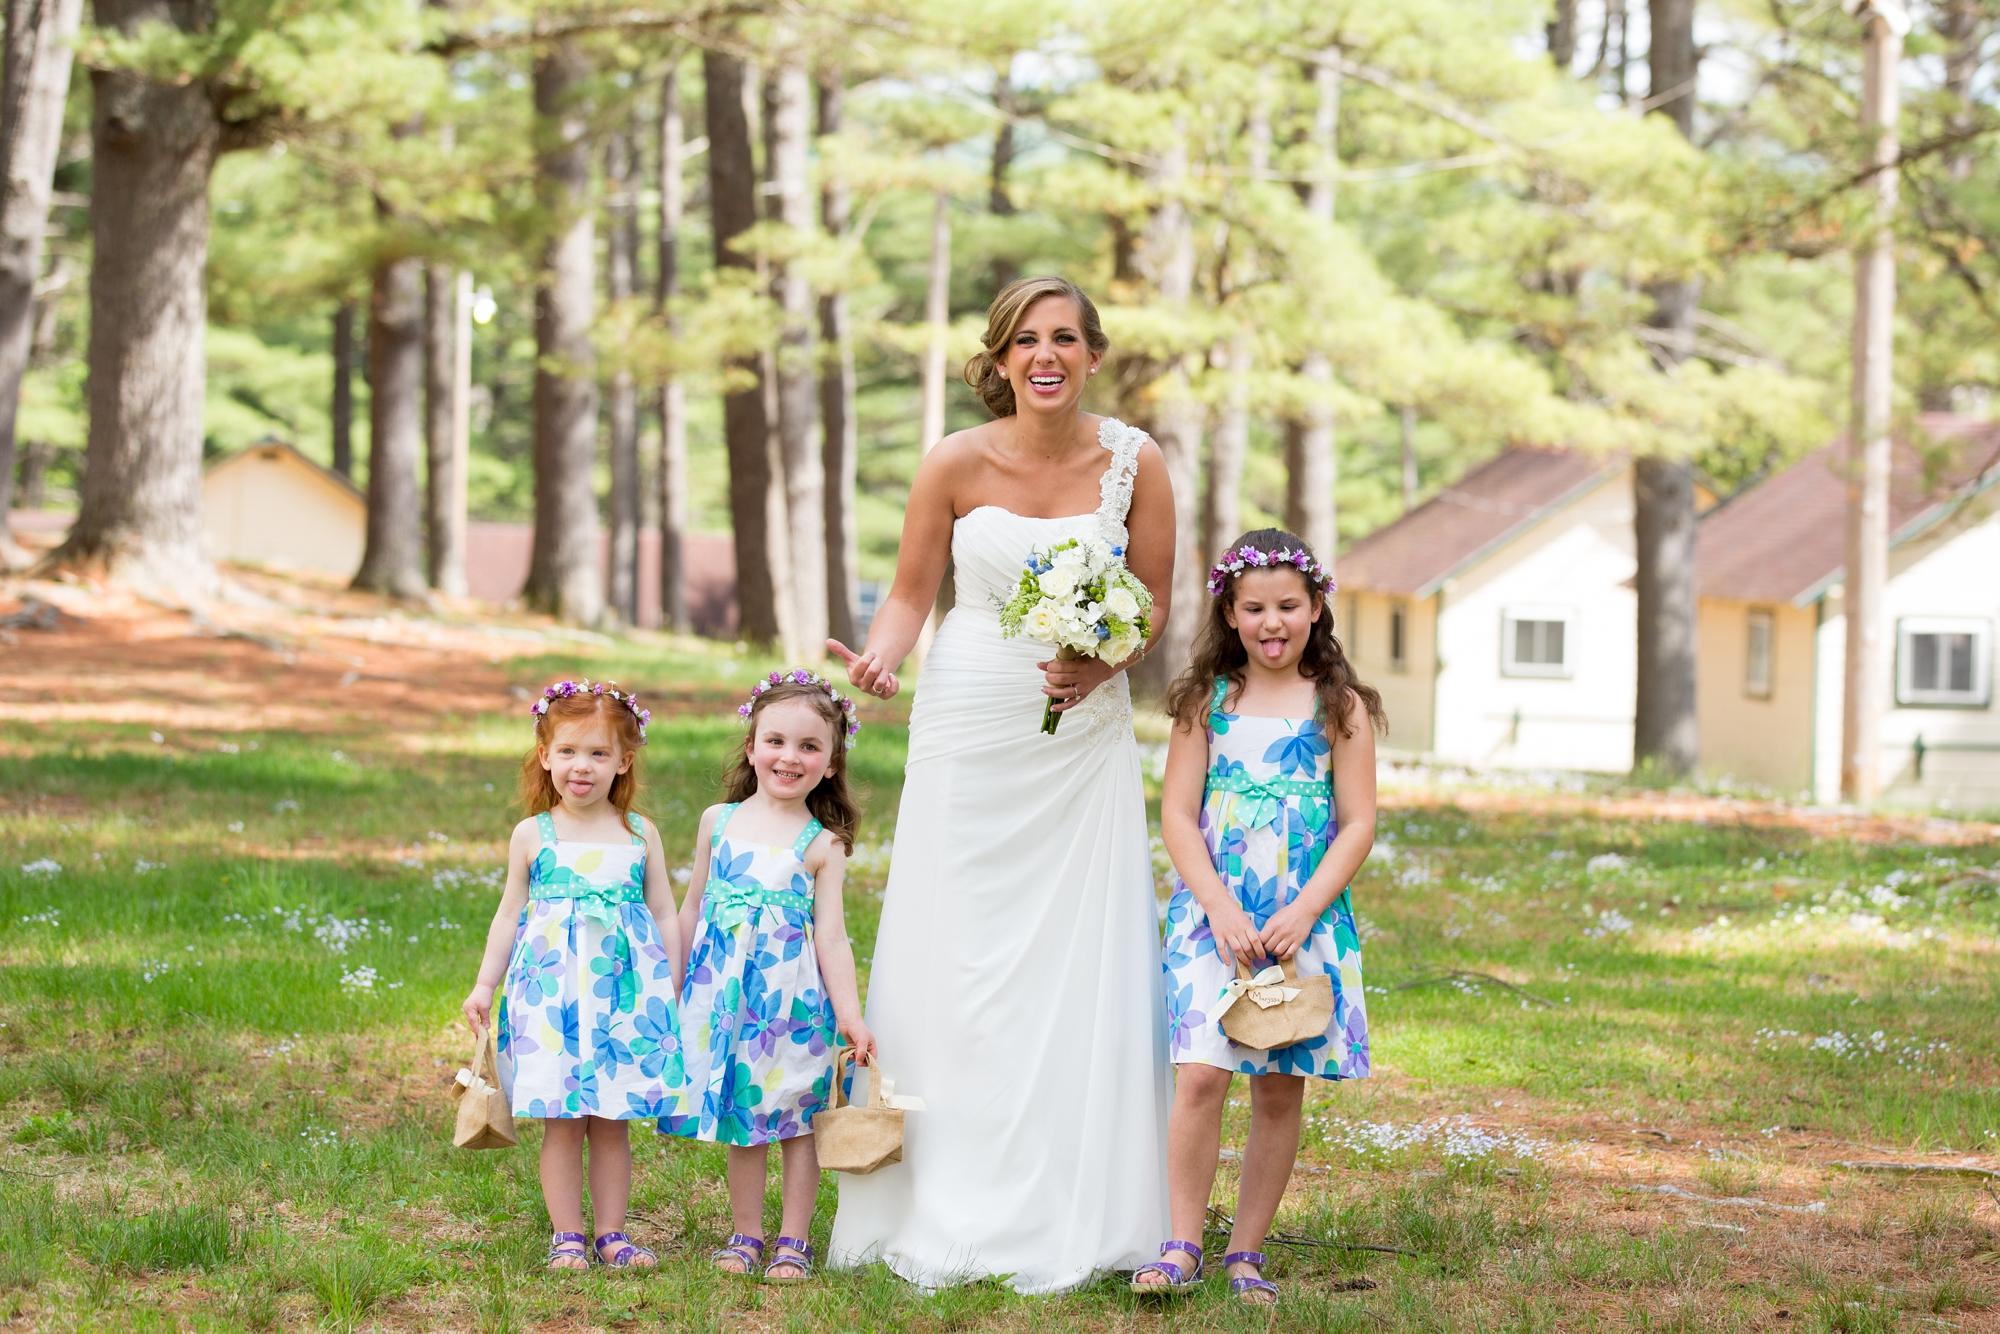 Albany NY Wedding Photographer Justin Tibbitts Photography 2014 Best of Albany NY Weddings-464852